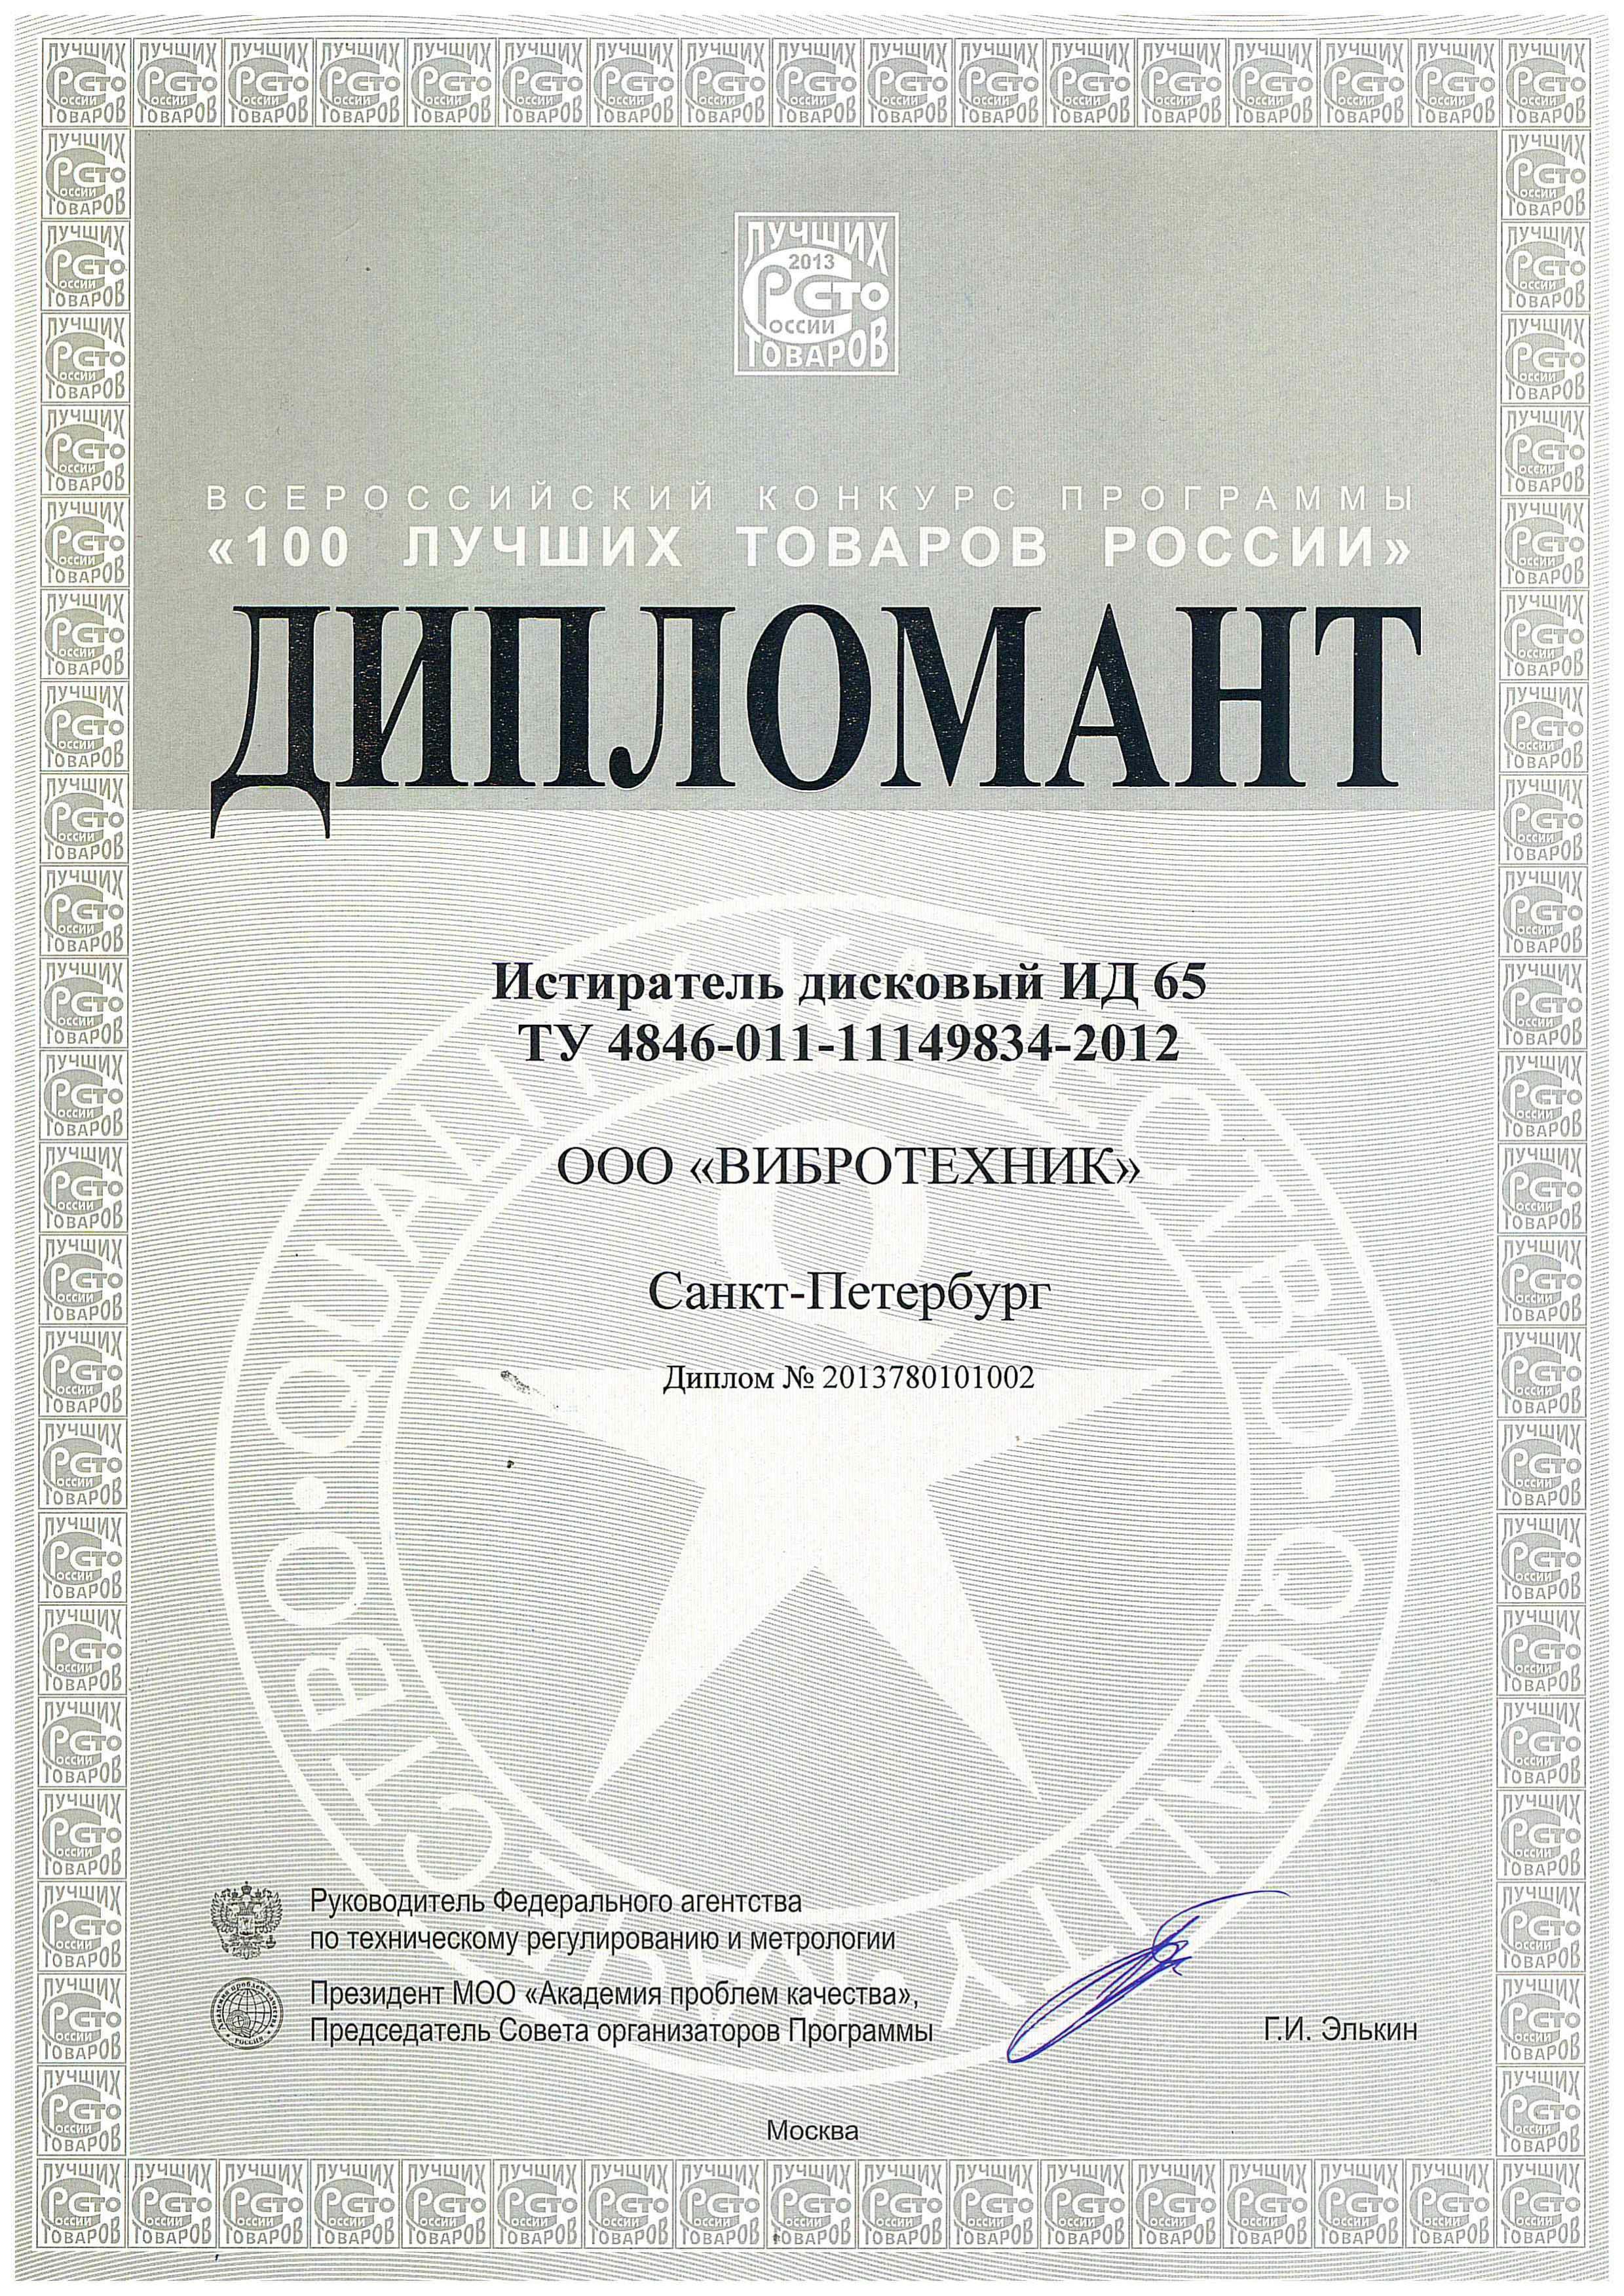 Сертификаты и дипломы Диплом 100 Лучших товаров России 2013 истиратель дисковый ИД 65